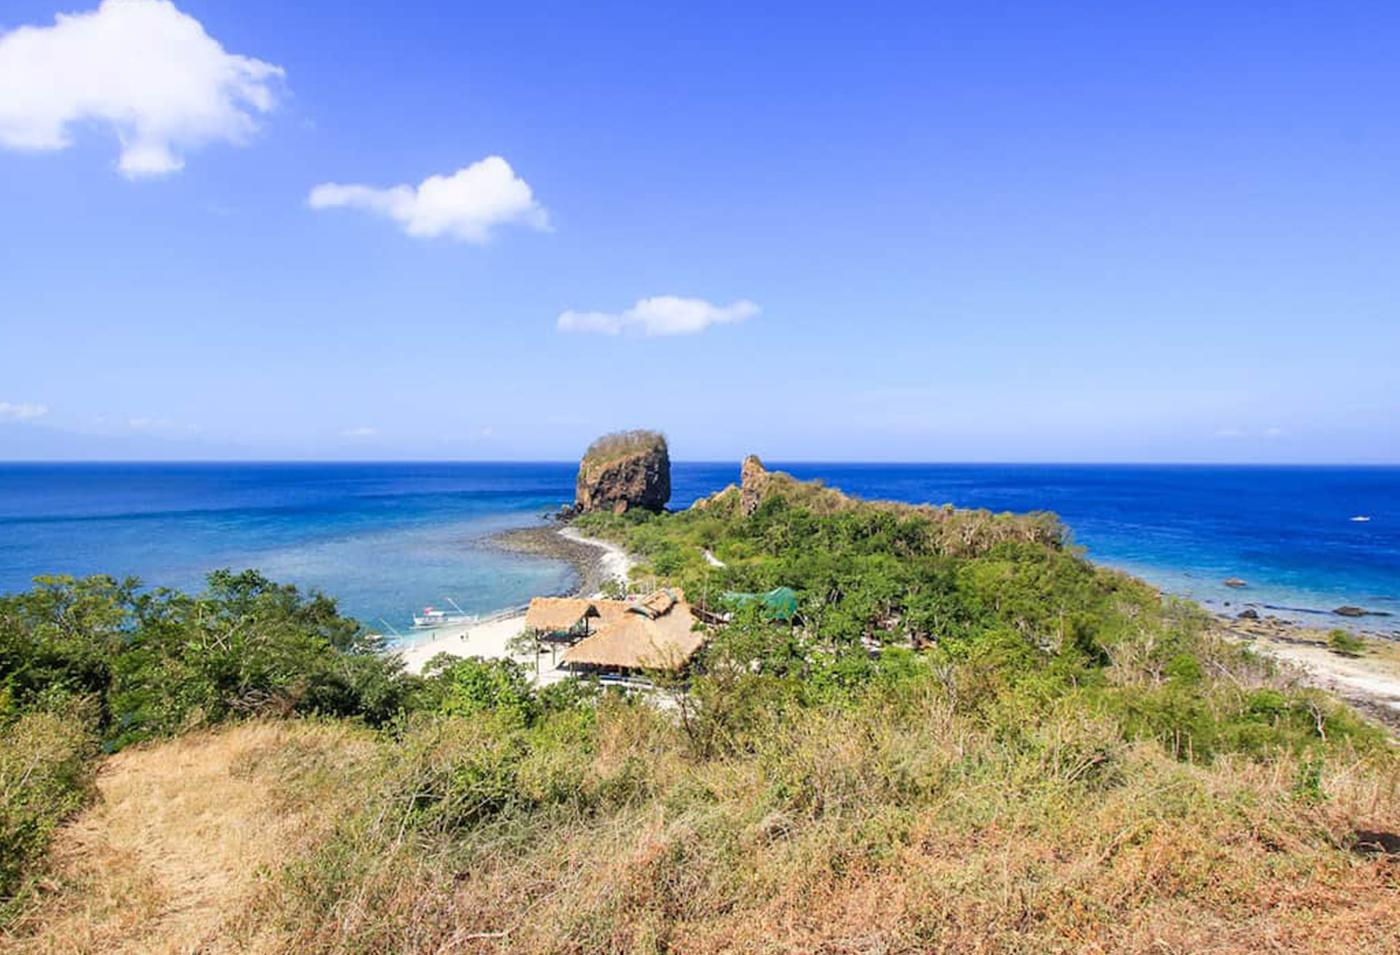 The Best Beach Resorts in Batangas